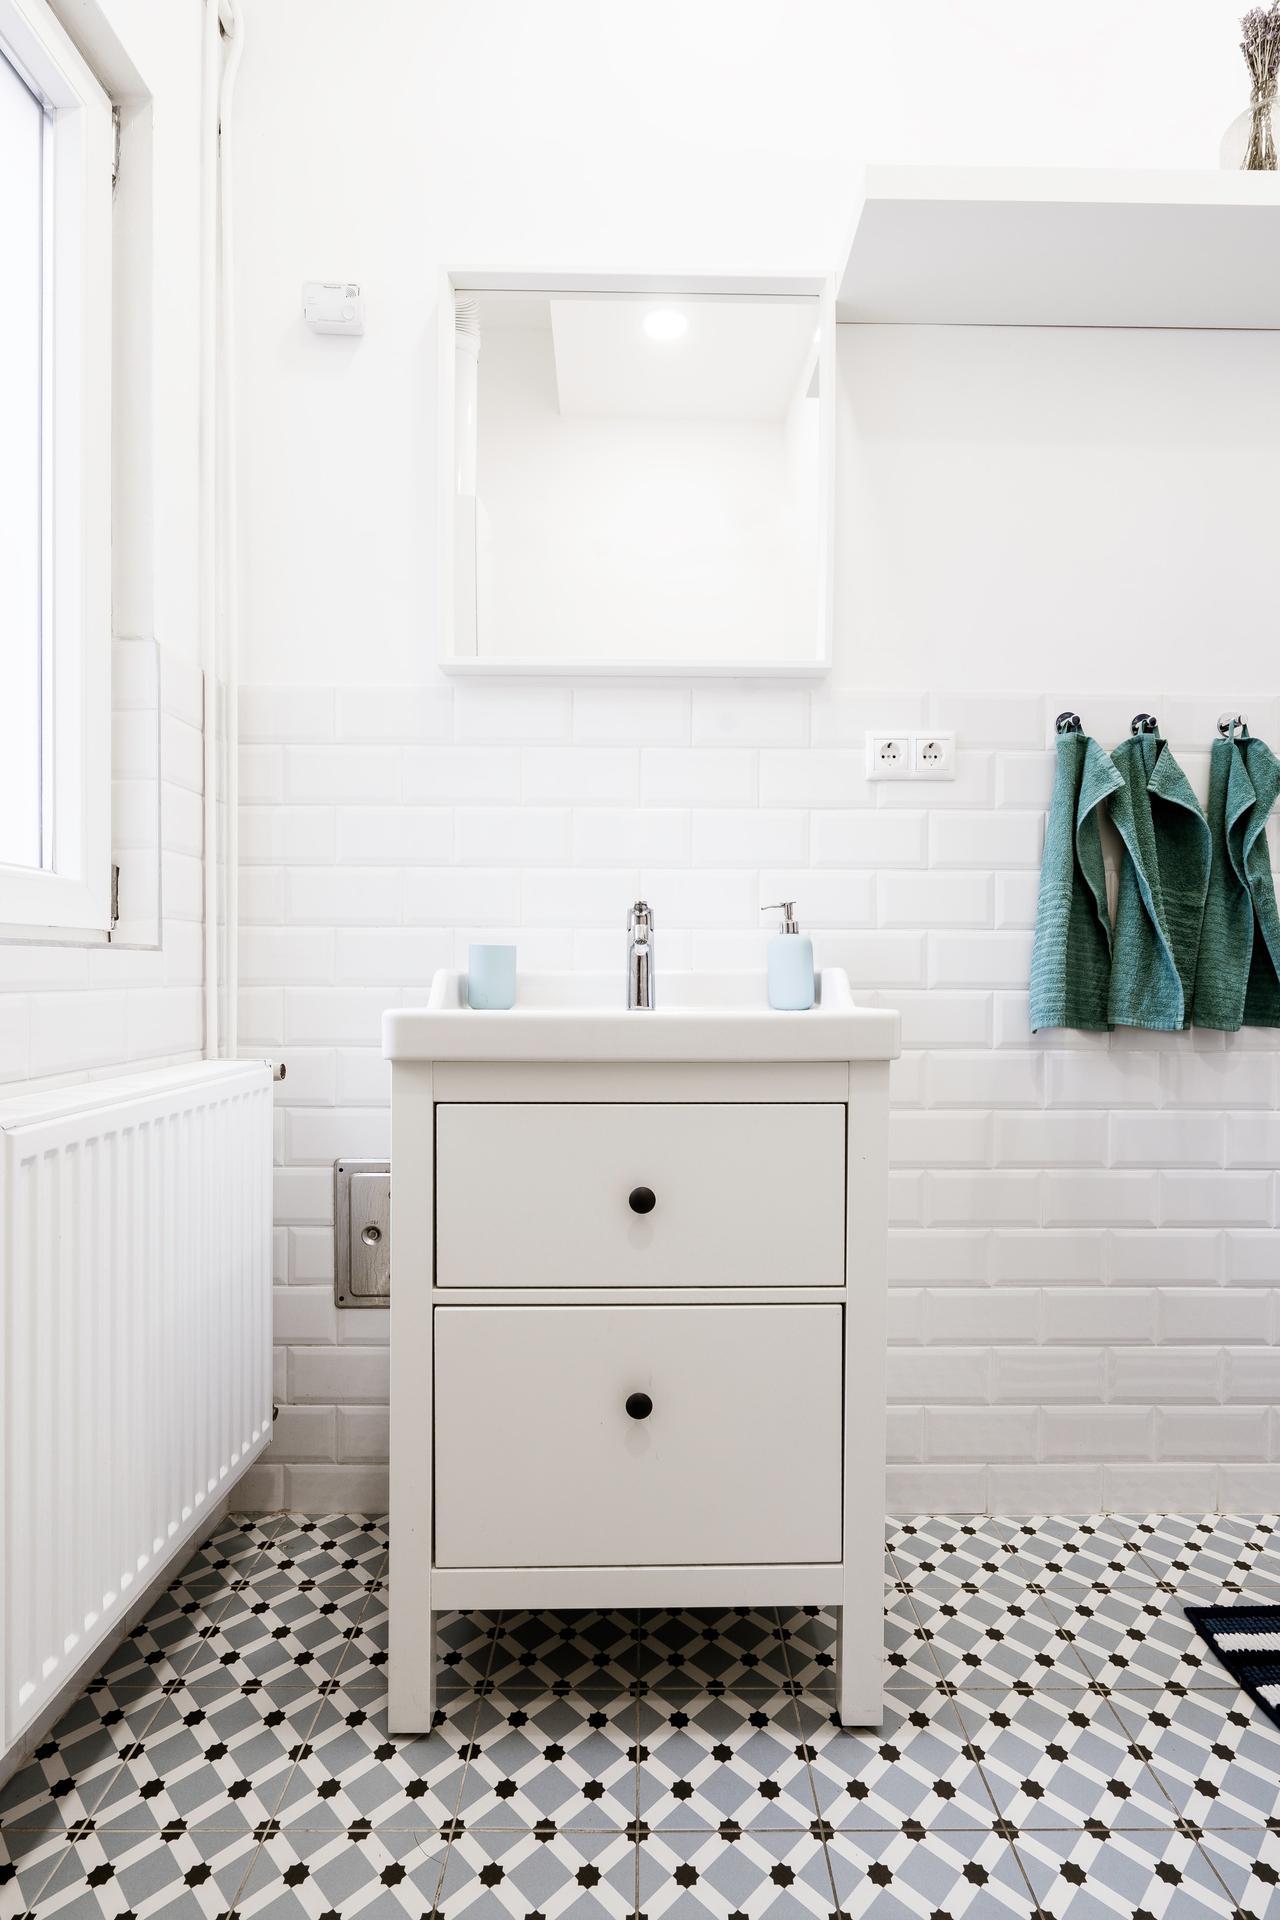 New Year, new bathroom: 5 bathroom remodel ideas